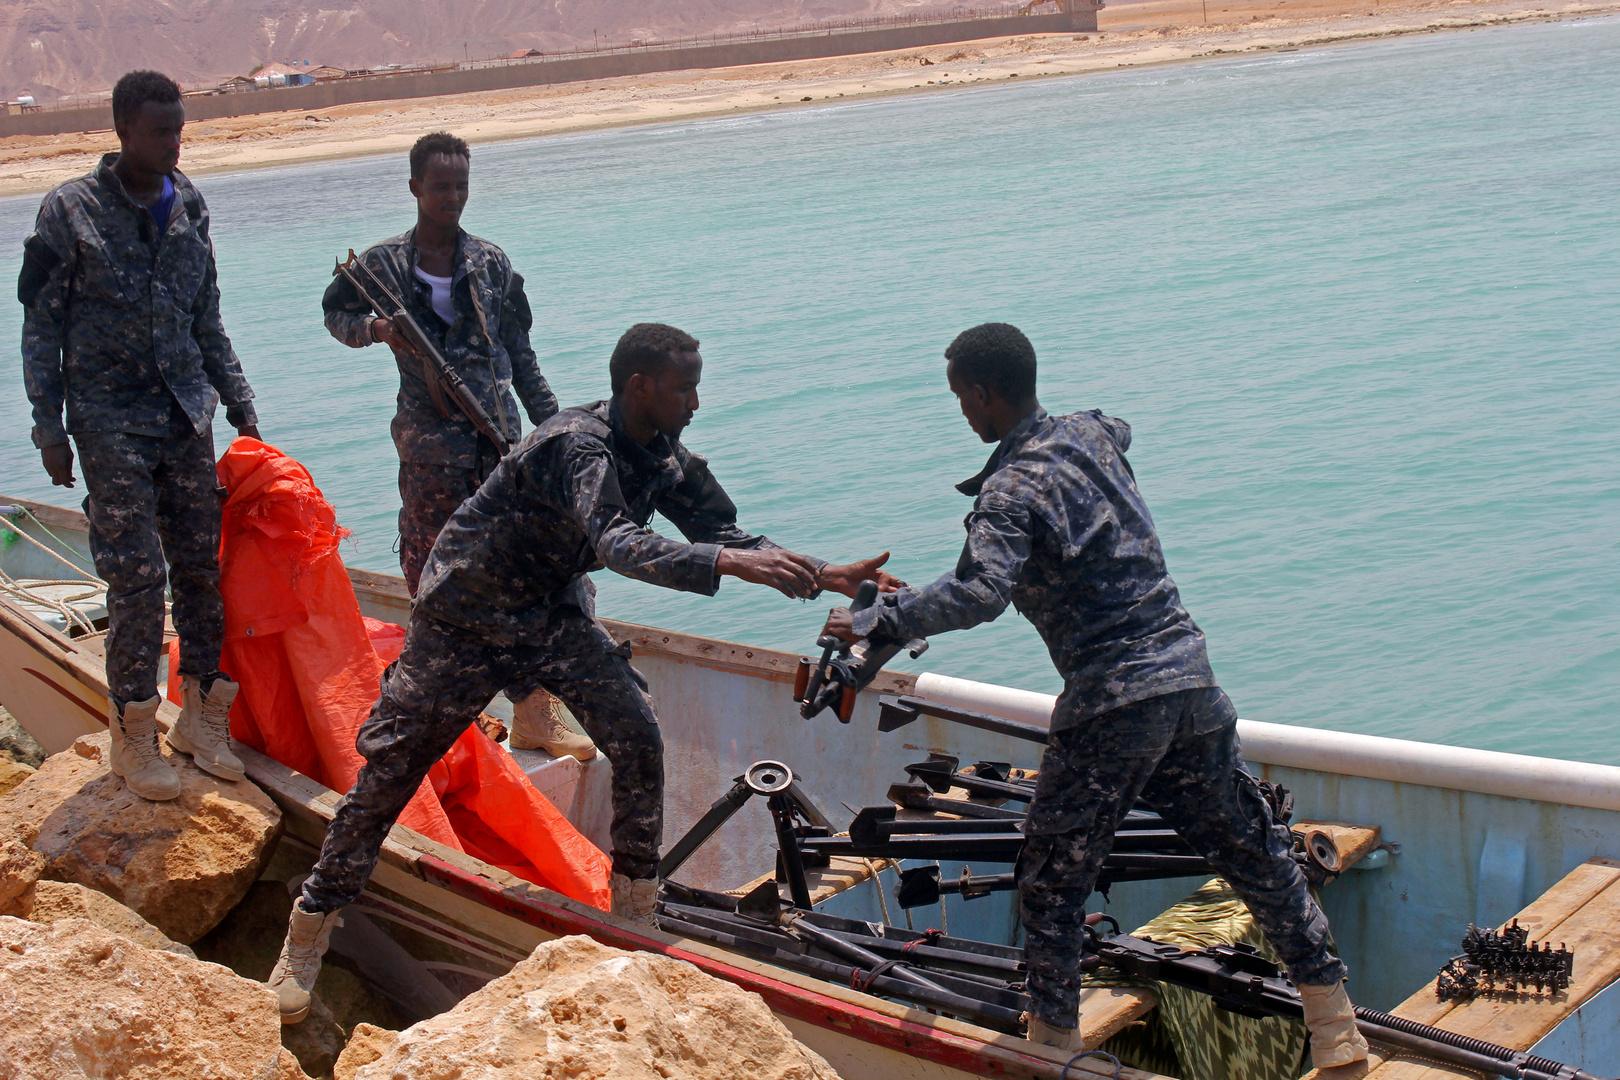 تقرير يكشف استغلال المتطرفين لحسابات مصرفية في الصومال